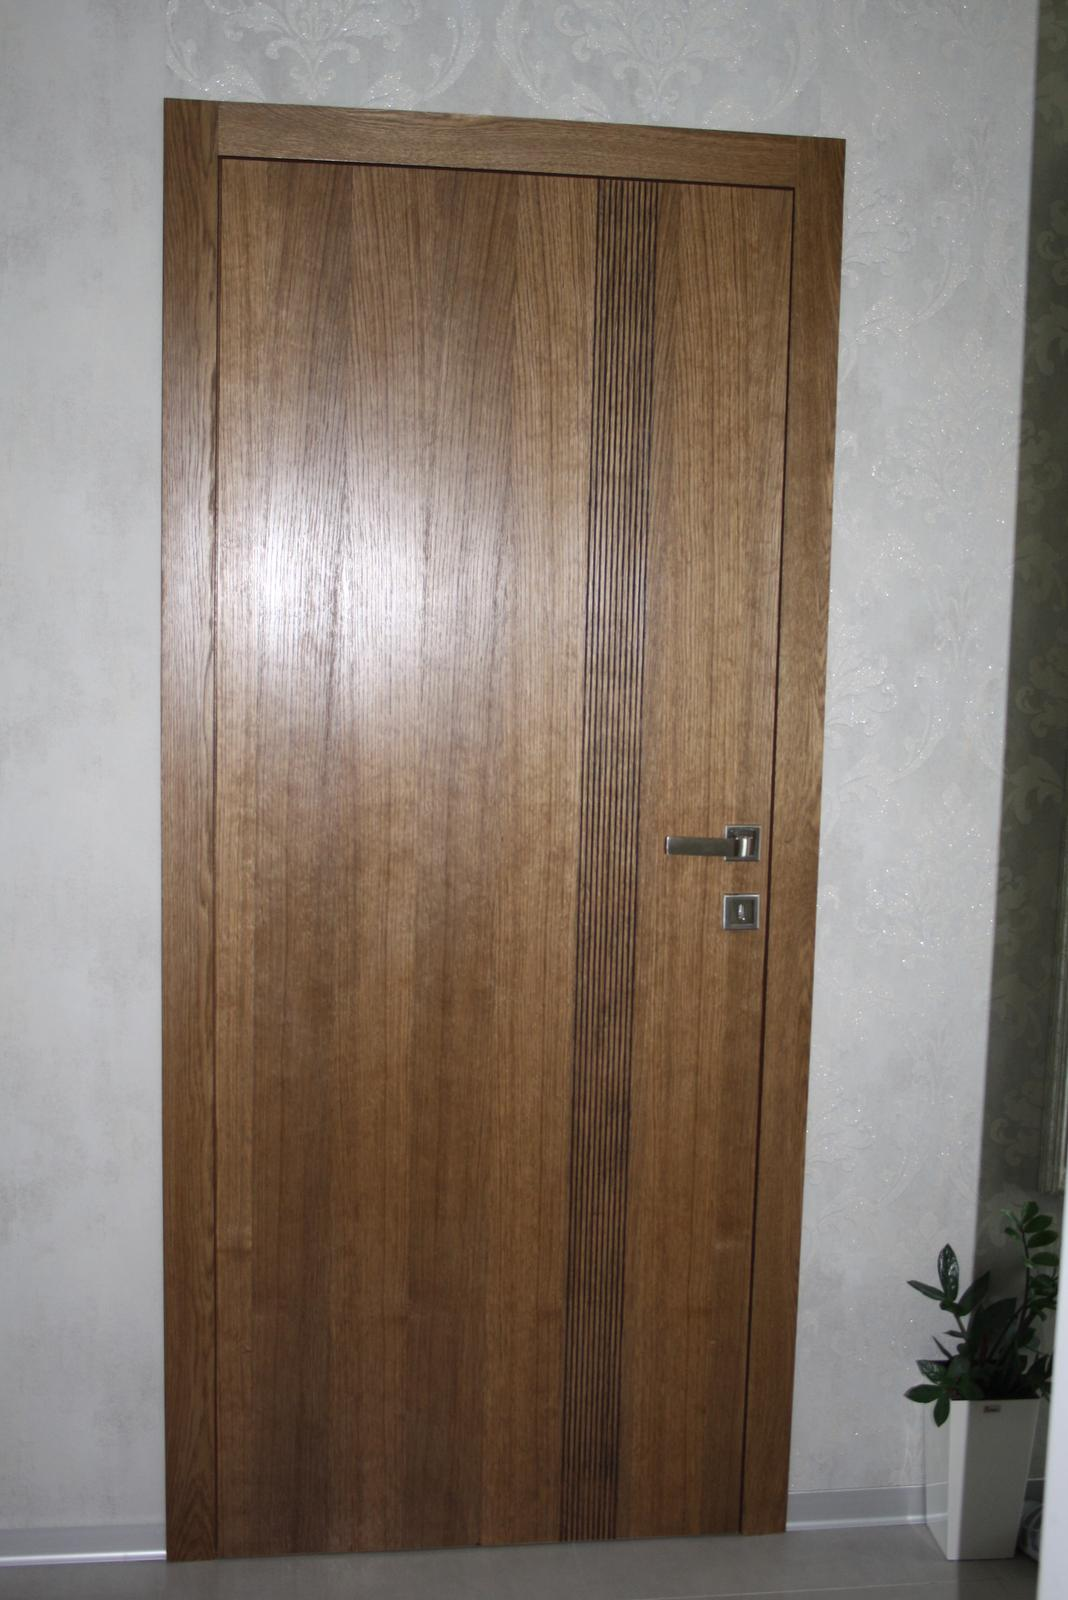 Náš dom - Bezfalcové reverzné dvere.Otváranie dovnútra:)